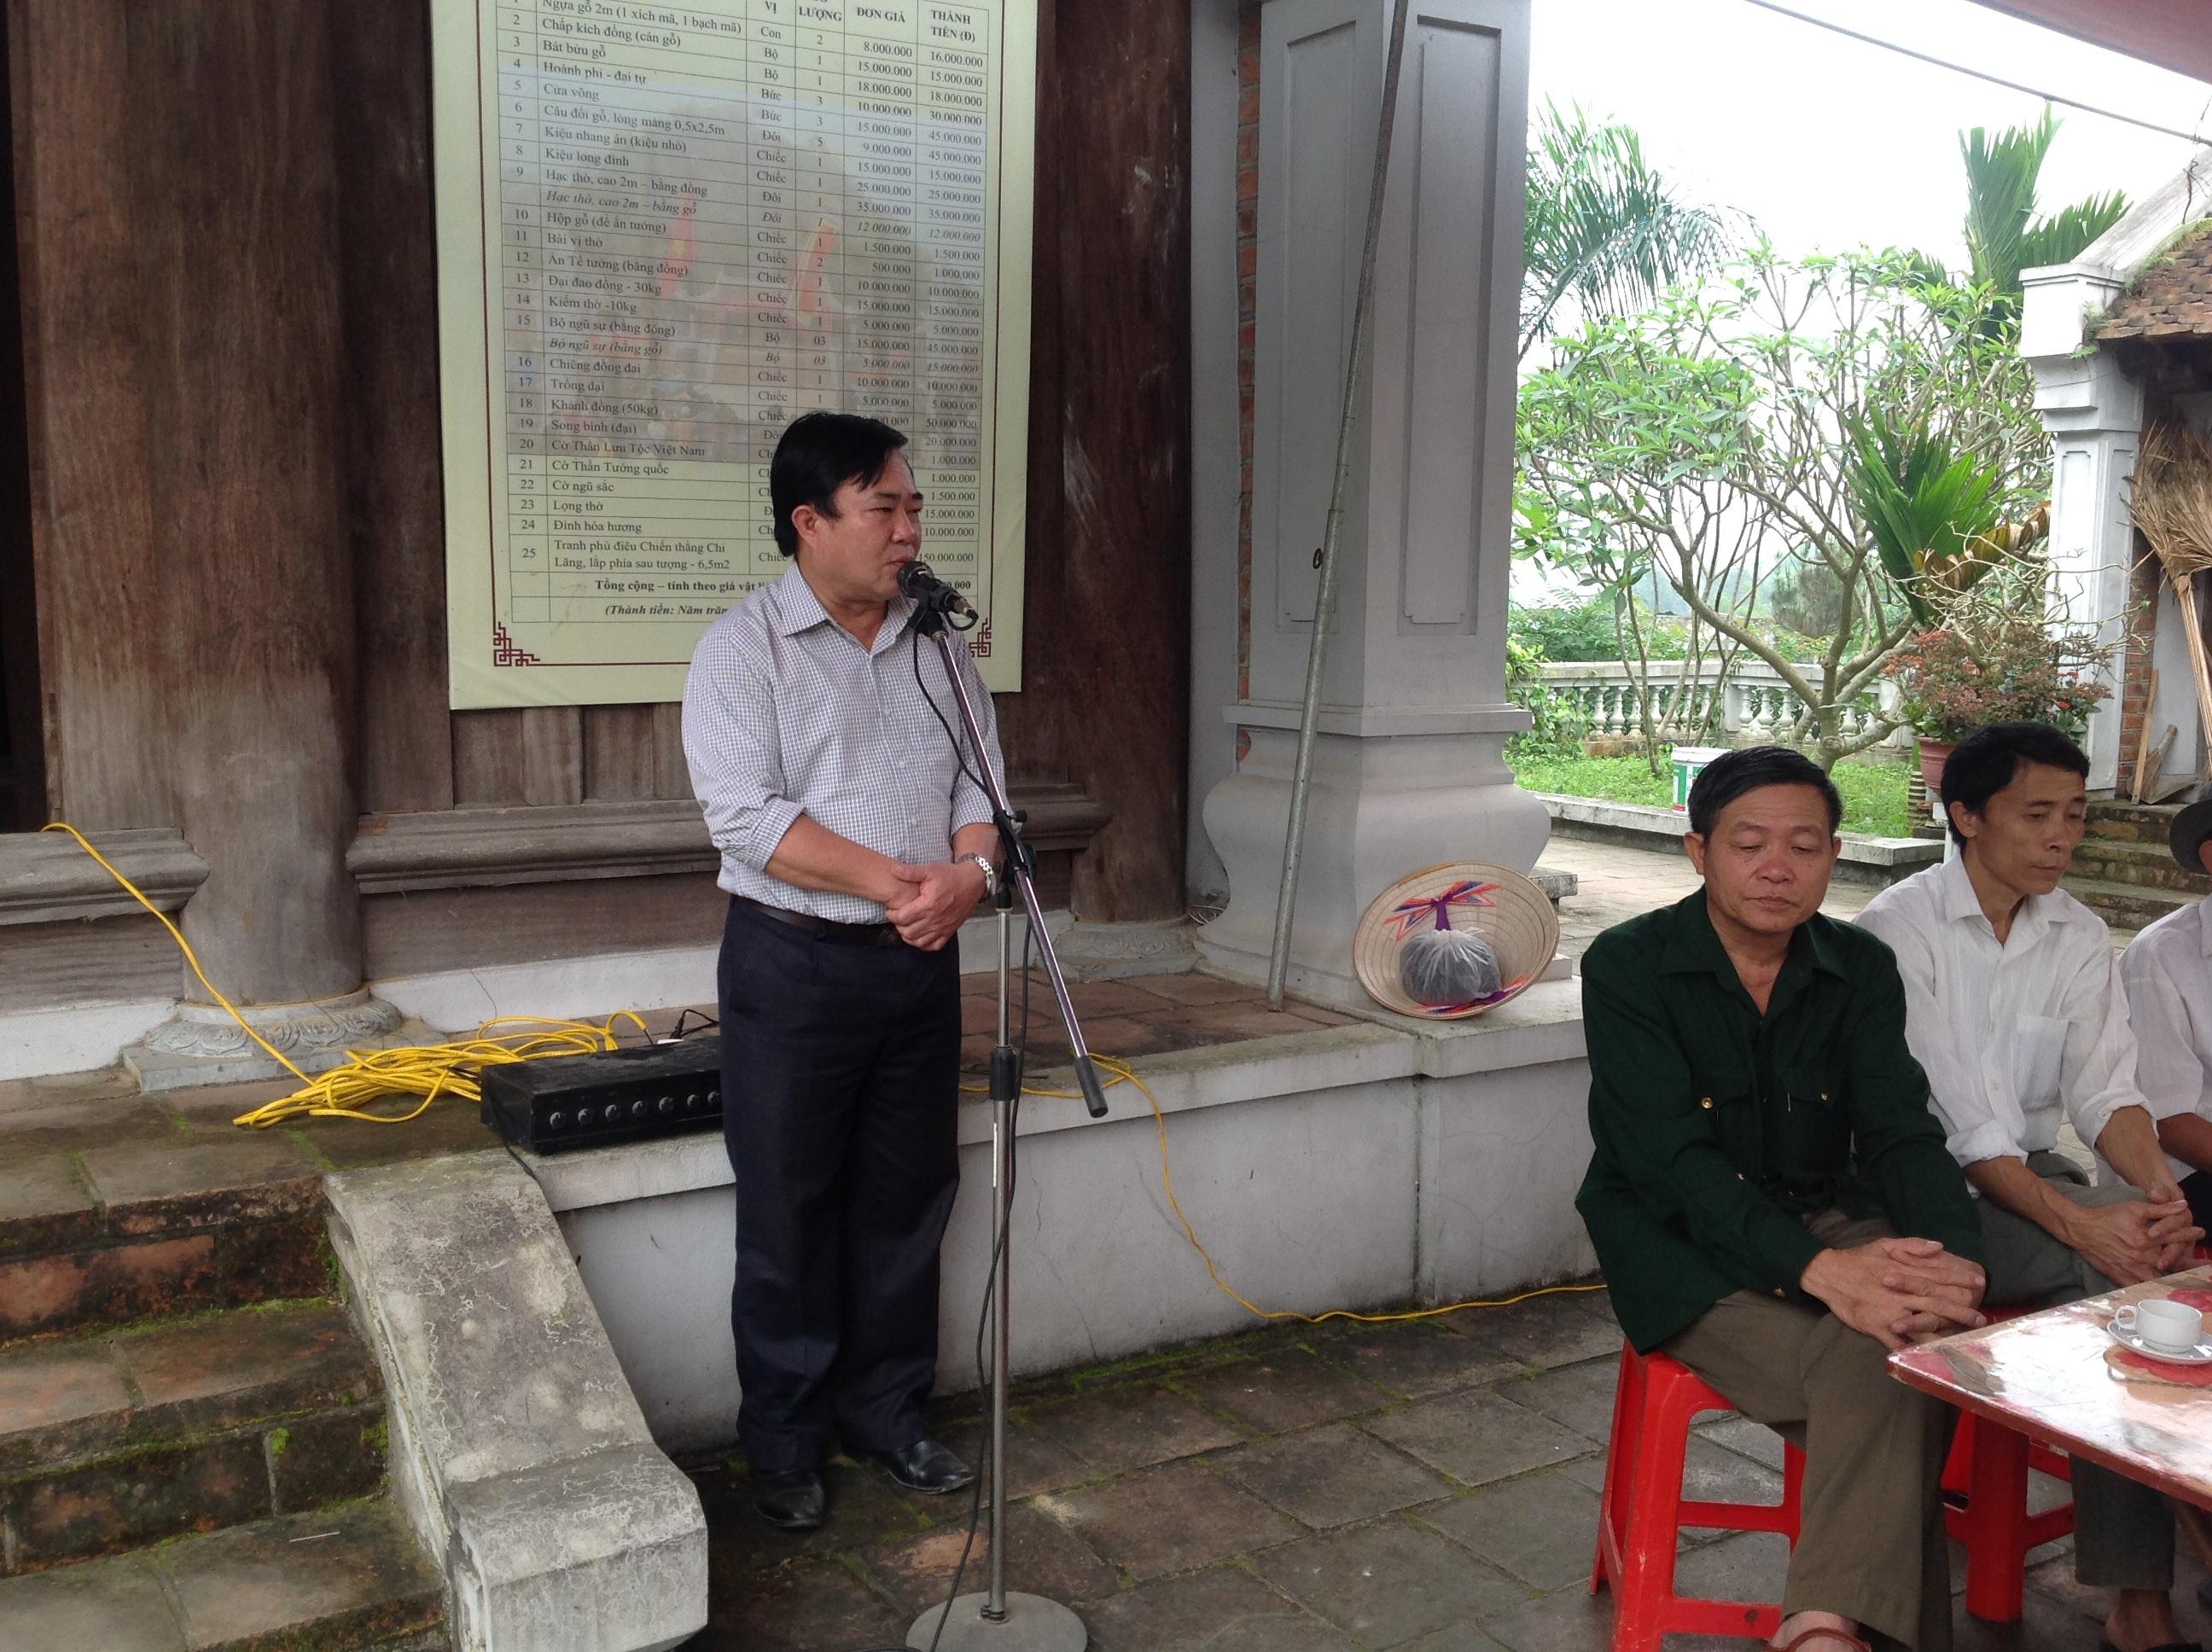 Ông Ngô Ngọc Thanh - Bí thư Đảng ủy xã Văn Yên phát biểu.